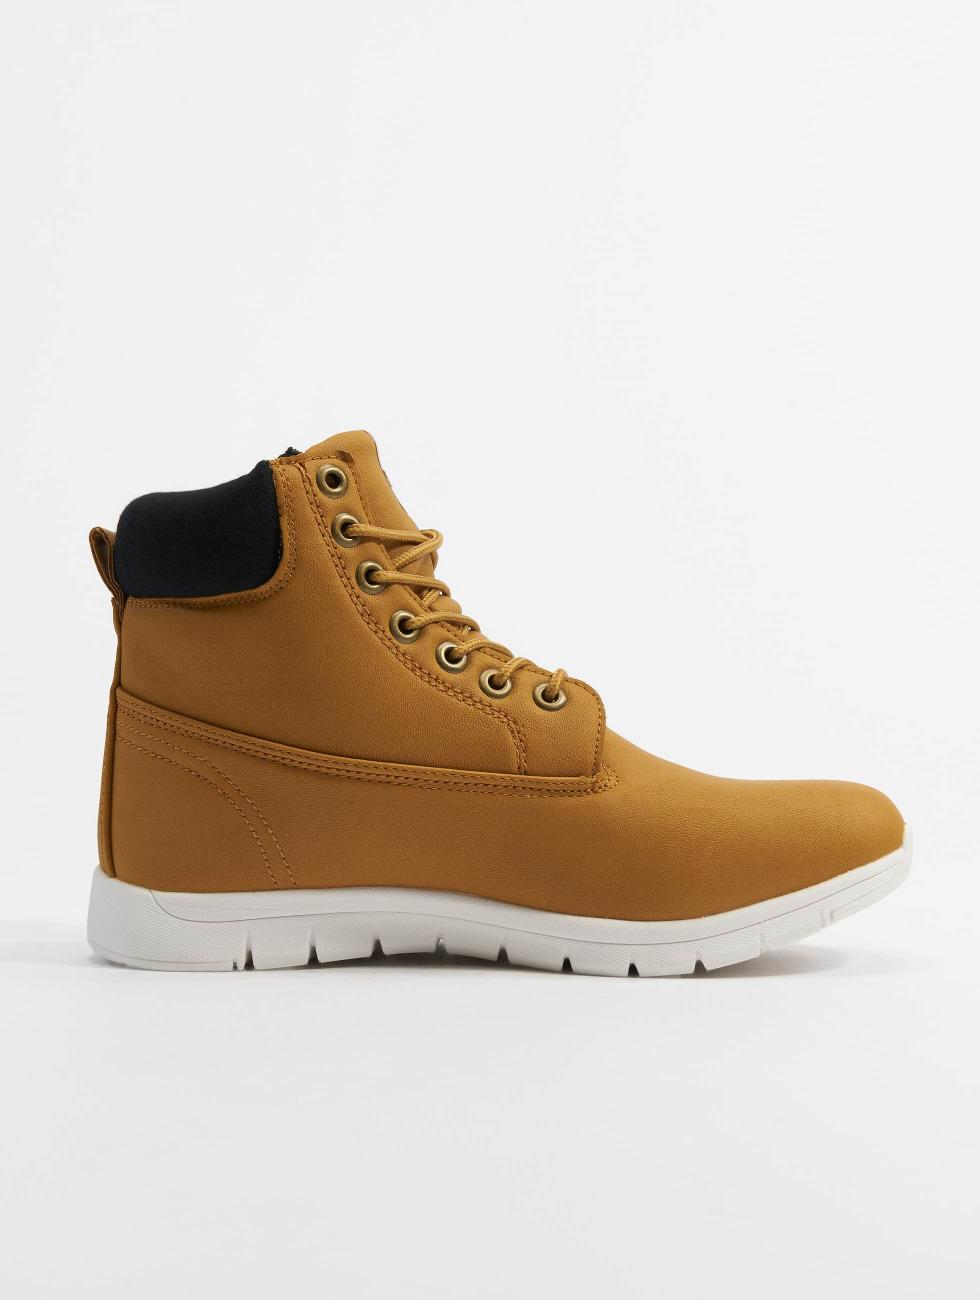 100% Gegarandeerd Online Ebay Goedkope Prijs Urban Classics schoen / Boots Runner in bruin 399426 Korting Kosten Goede Verkoop Goedkope Prijs uitzicht 2xJ4vUd